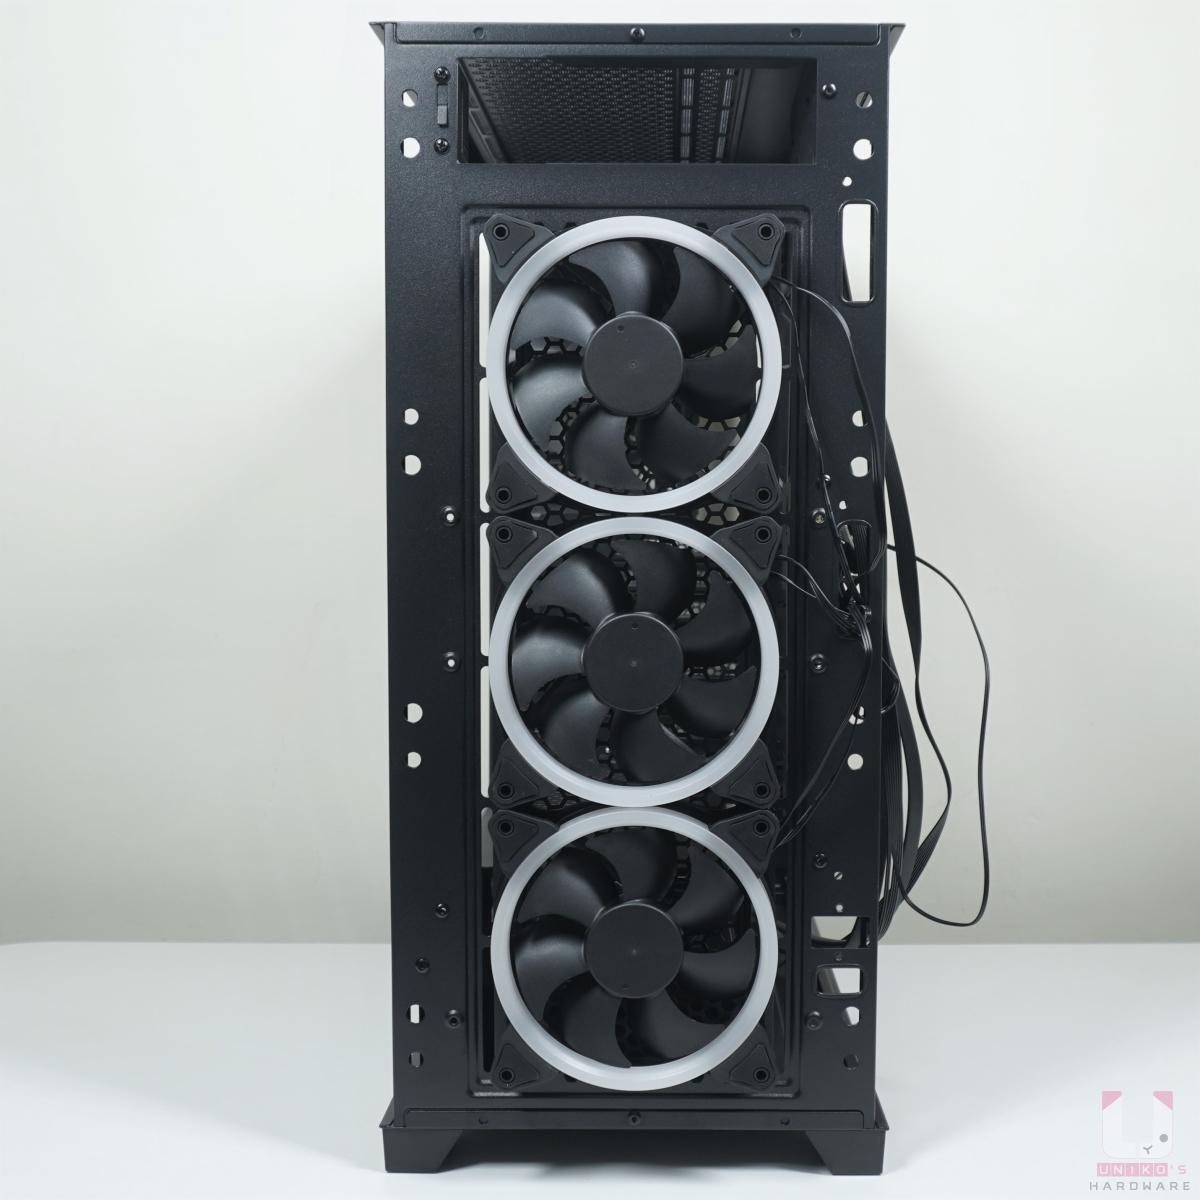 正面預先安裝好 3 顆 ARGB 風扇在外側,風扇也可以自行視需求安裝在機殼內側。